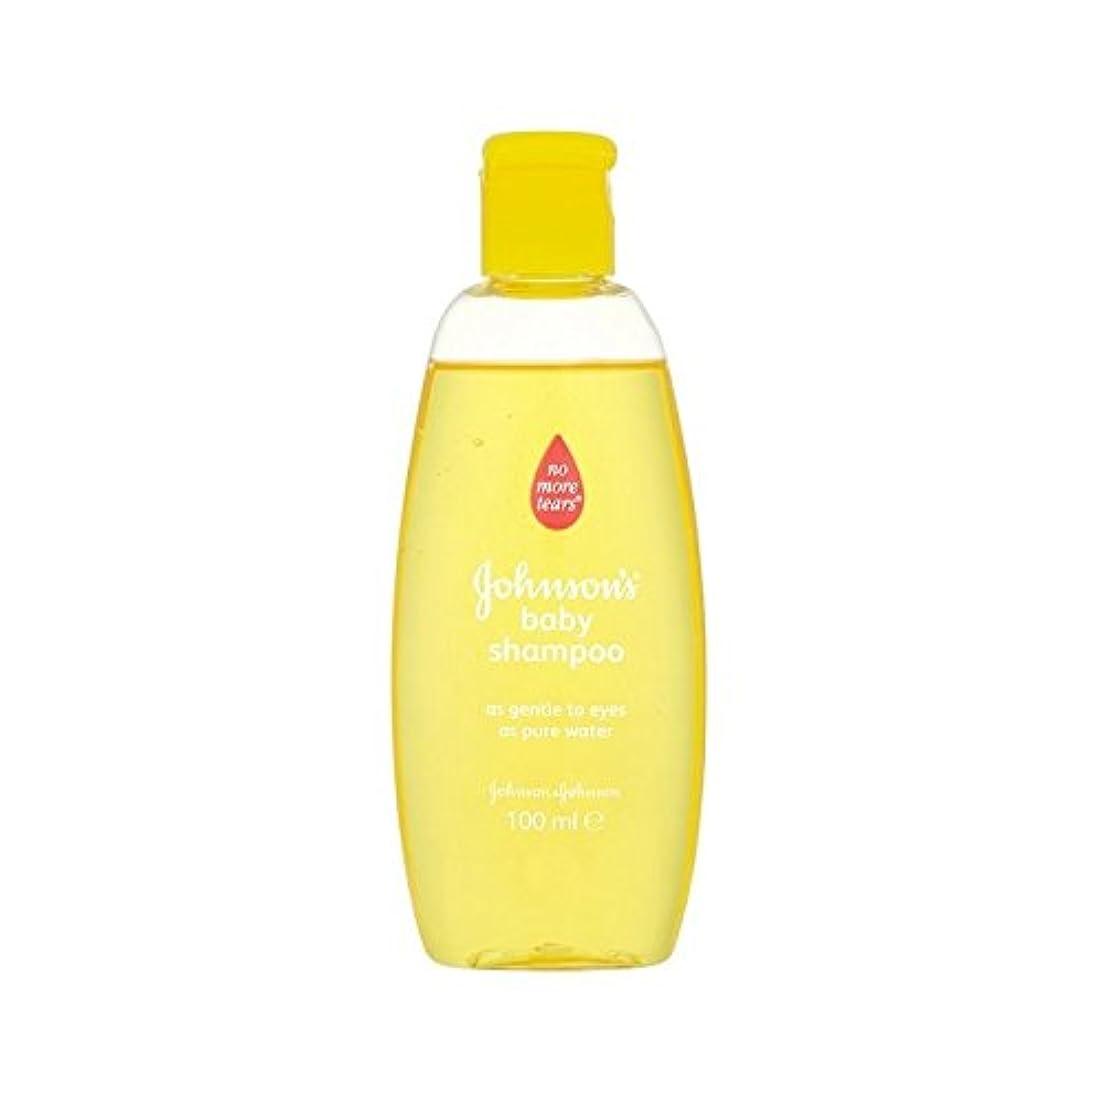 爬虫類ペレグリネーション魅惑的な金旅行シャンプー100ミリリットル (Johnson's Baby) (x 6) - Johnson's Baby Gold Travel Shampoo 100ml (Pack of 6) [並行輸入品]